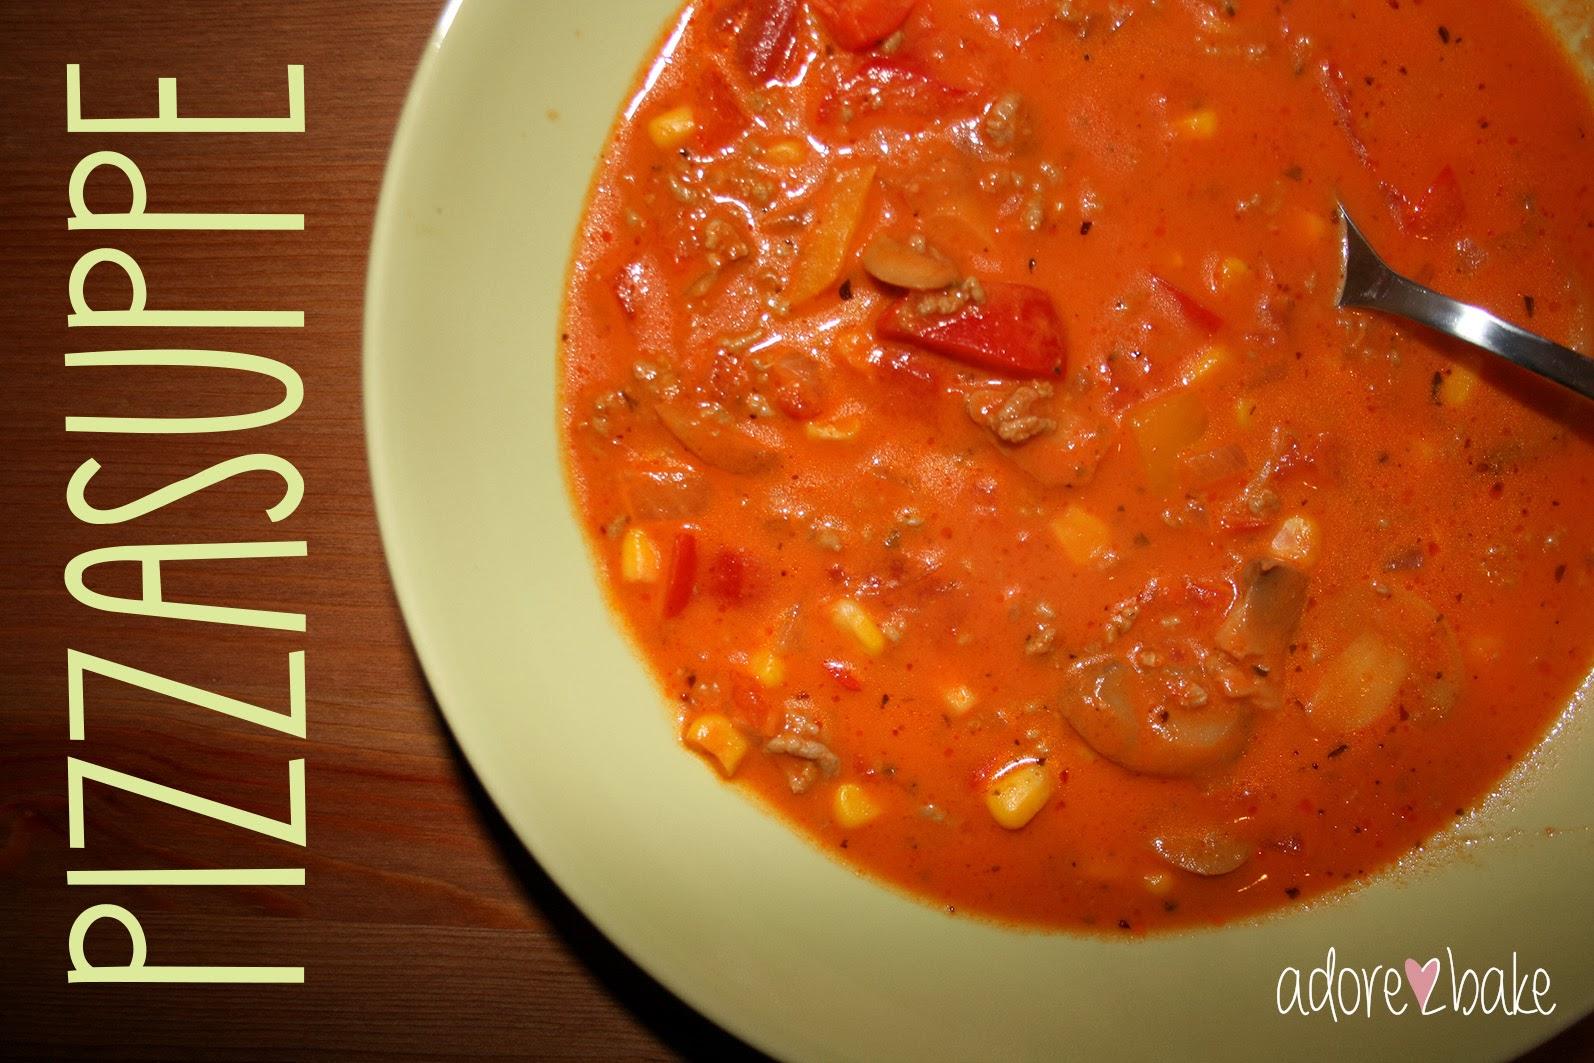 adore2bake: Pizzasuppe